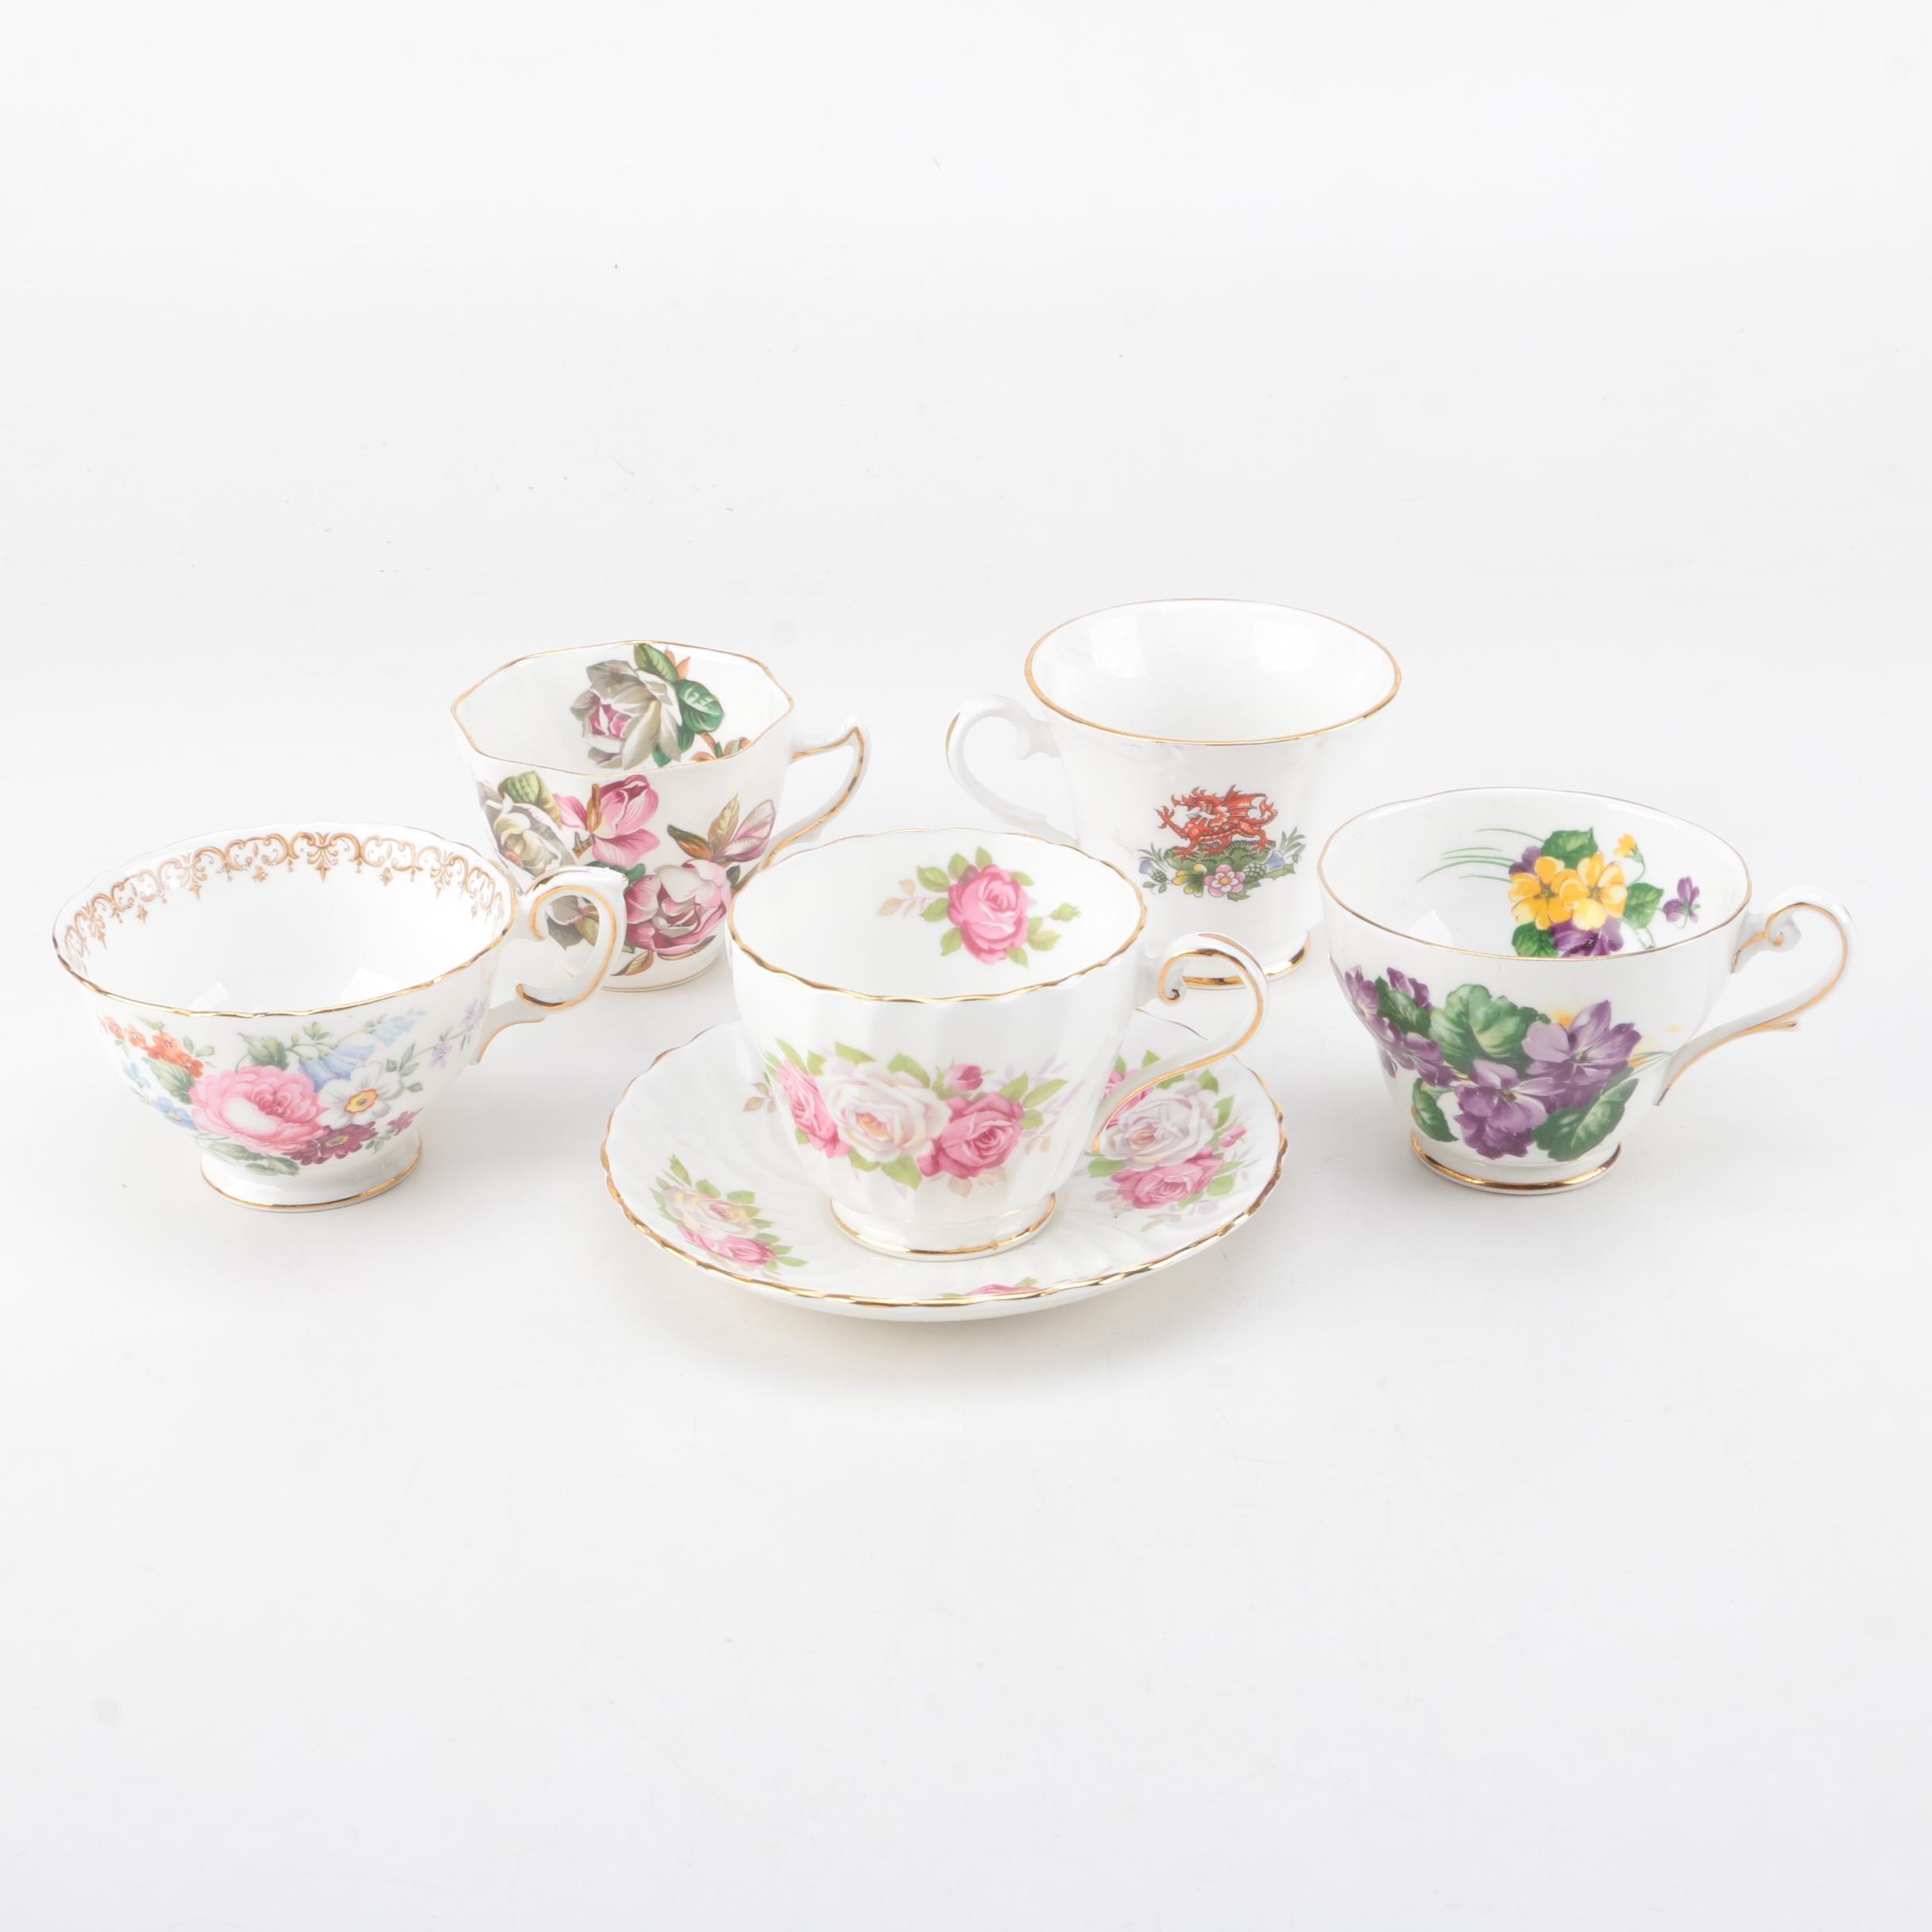 Aynsley and Royal Standard Floral Porcelain Teacups